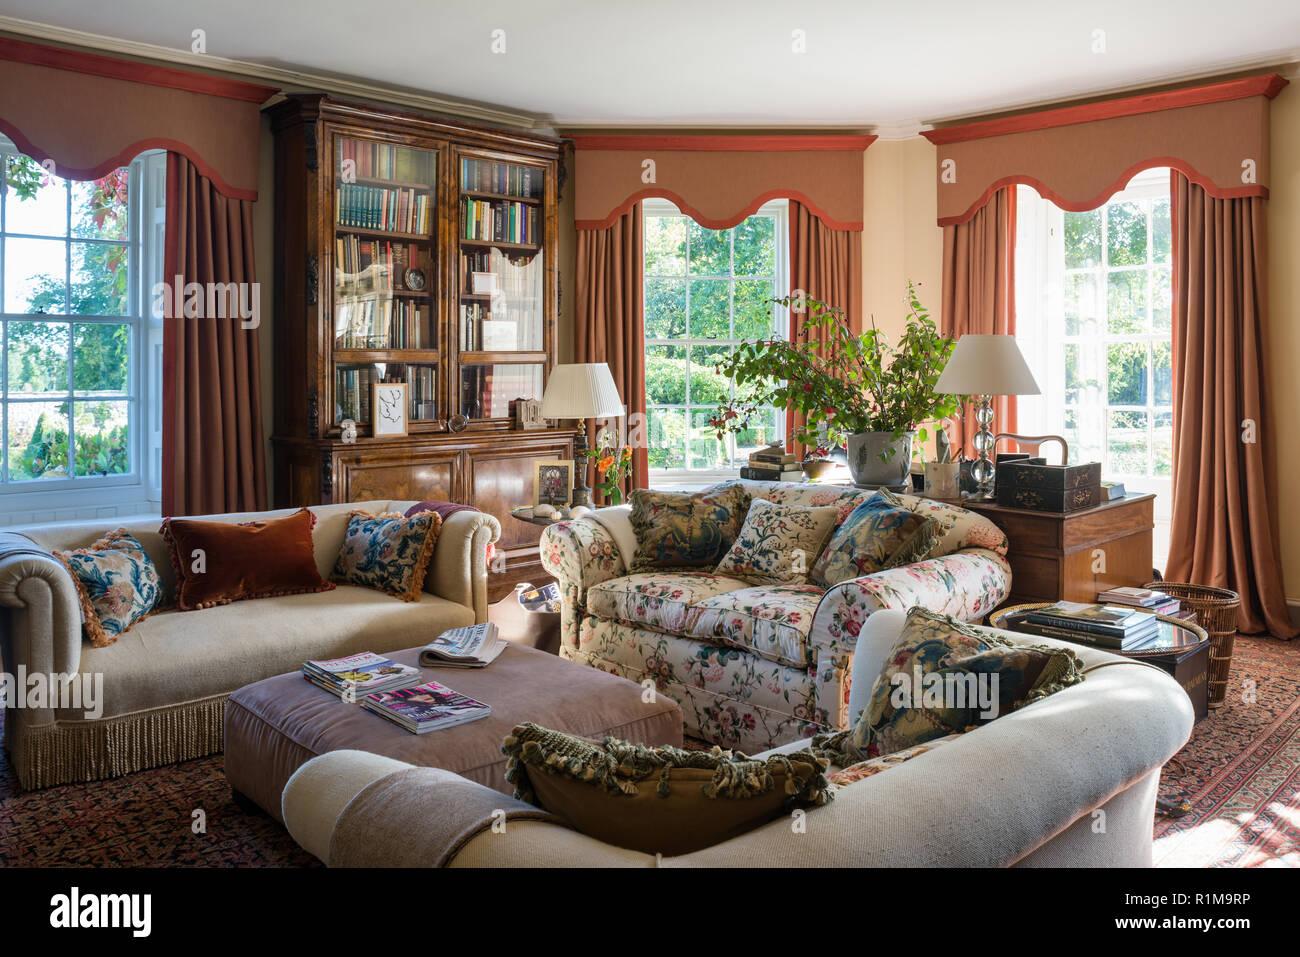 Edwardian style living room - Stock Image